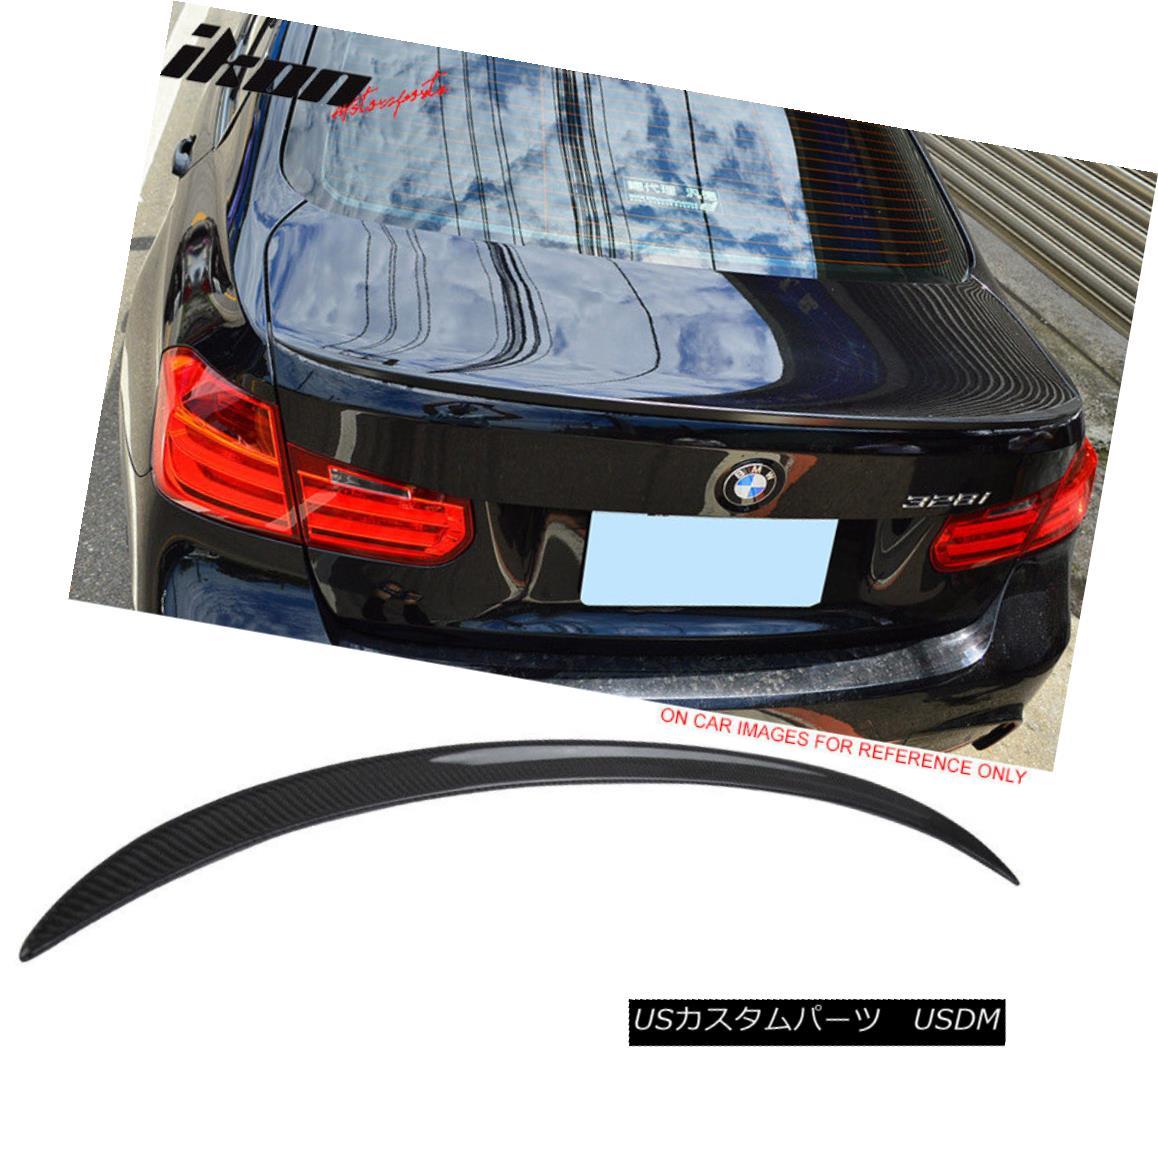 エアロパーツ 14-17 BMW 3-Series F80 4Dr Sedan M3 Style Trunk Spoiler - Carbon Fiber (CF) 14-17 BMW 3シリーズF80 4DrセダンM3スタイルトランク・スポイラー - 炭素繊維(CF)